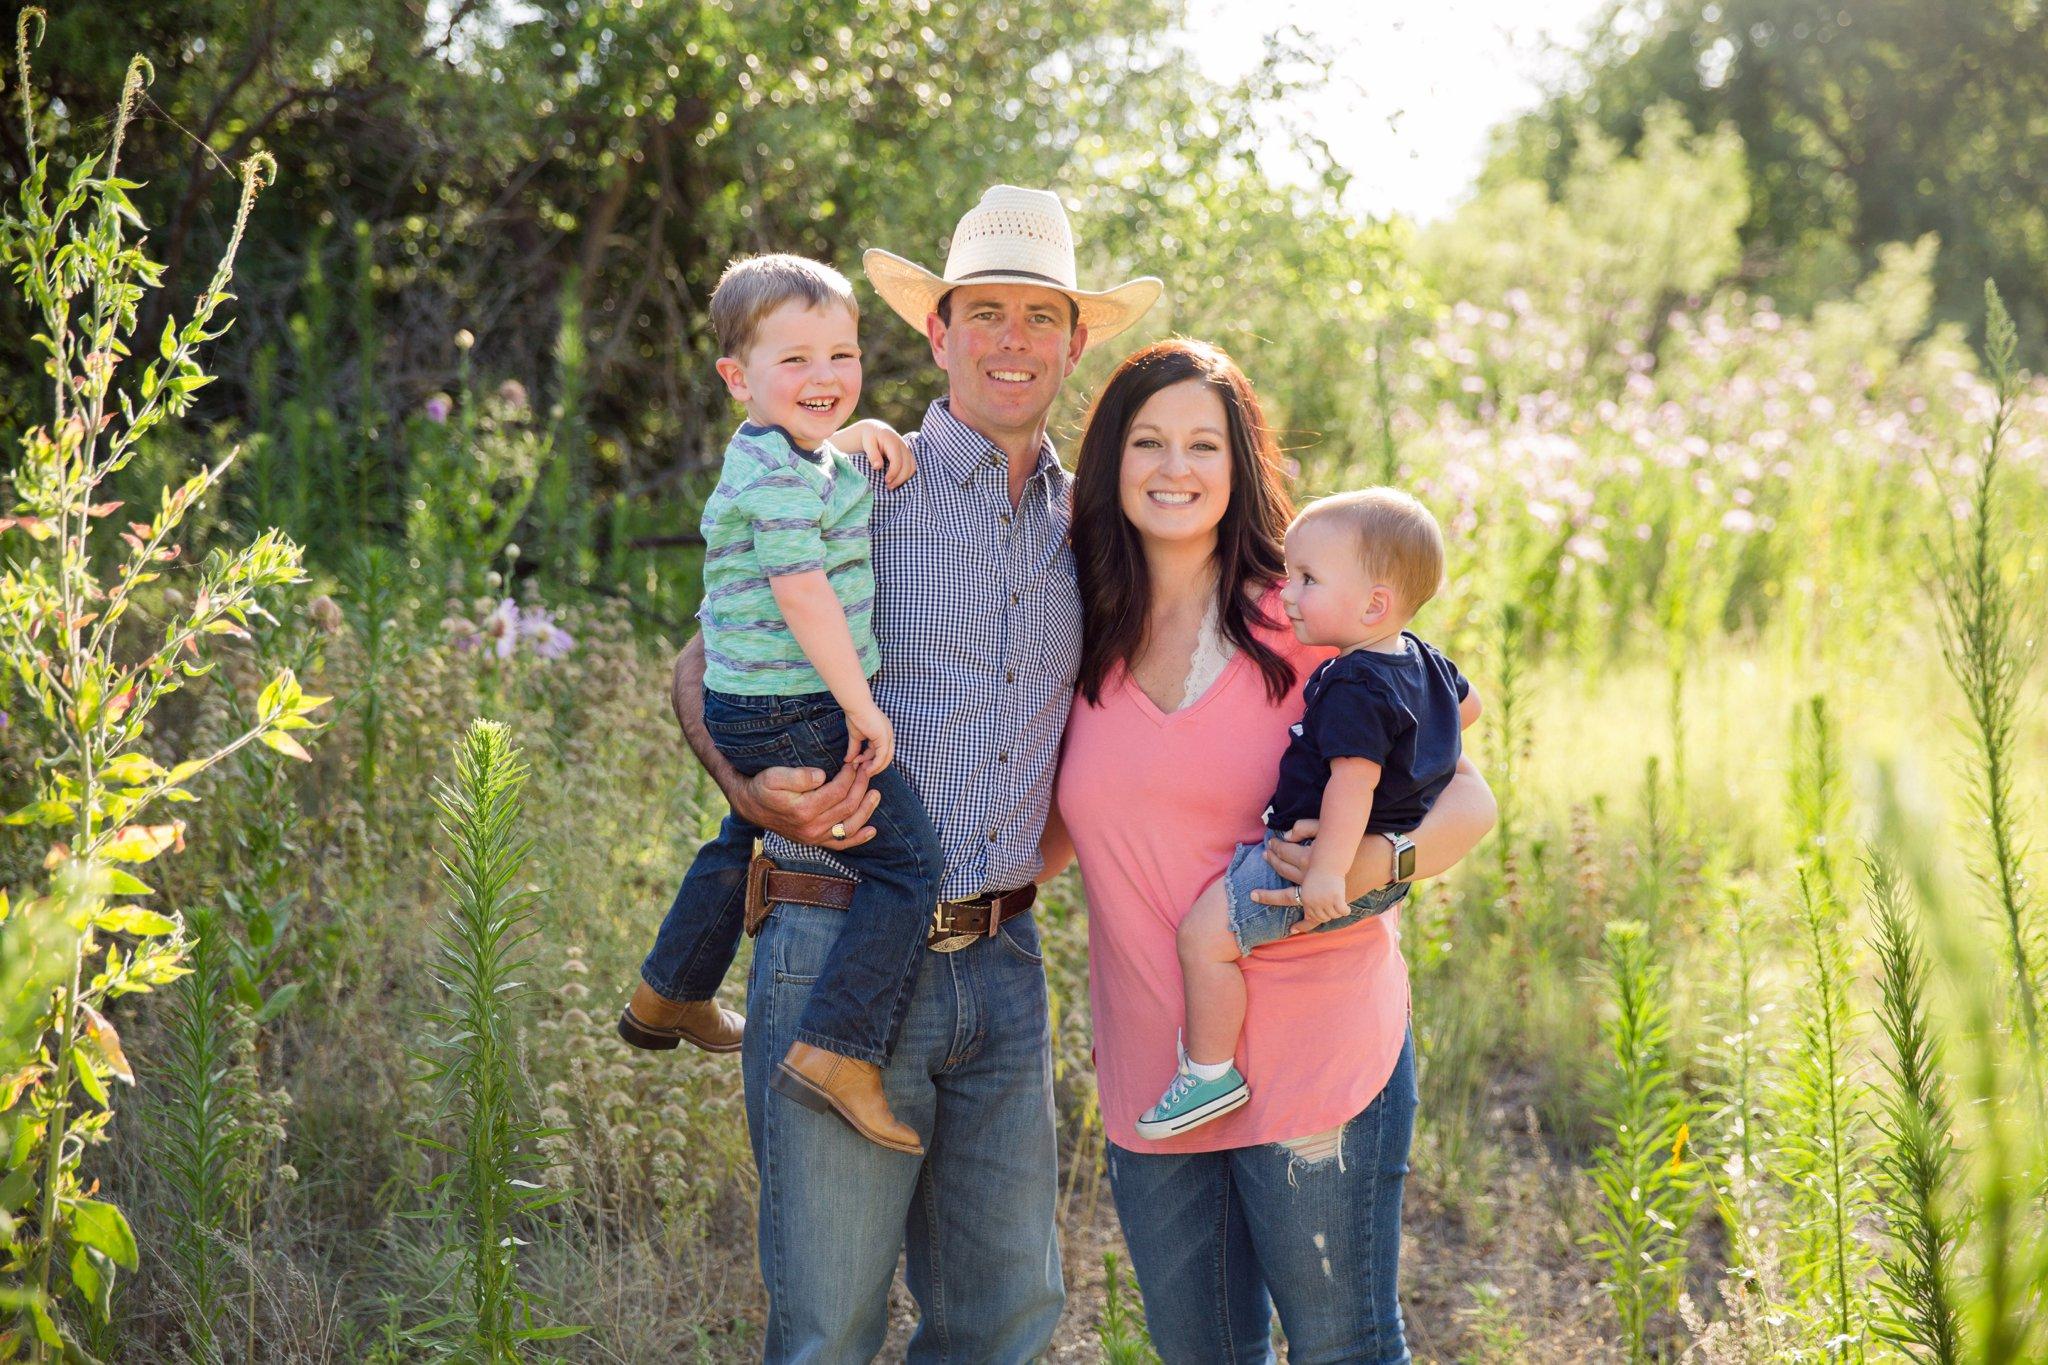 lubbock-family-photographer10.jpg